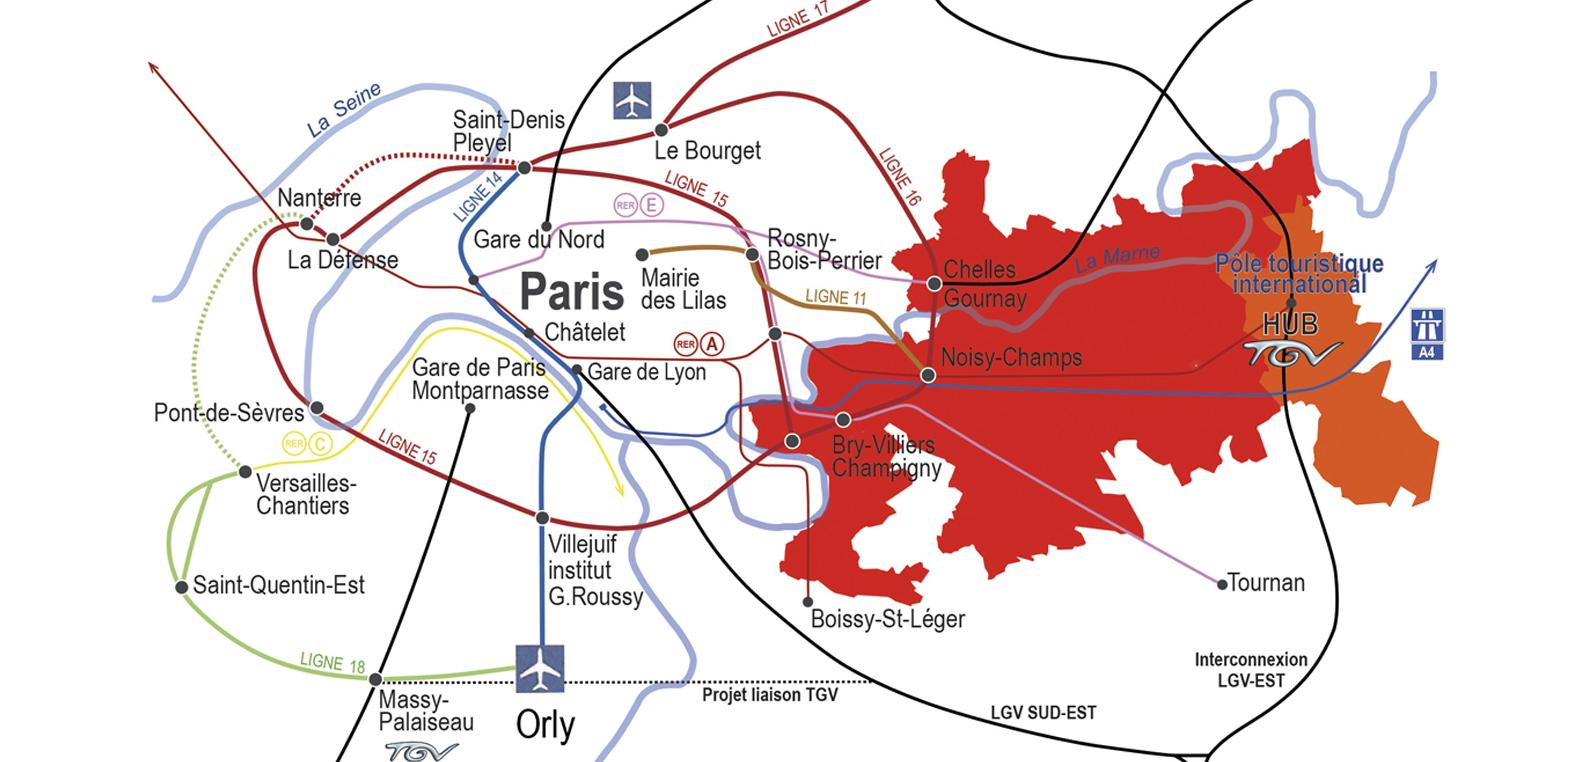 Carte : Représentation du tracé de l'autoroute VDO à Marne-la-Vallée